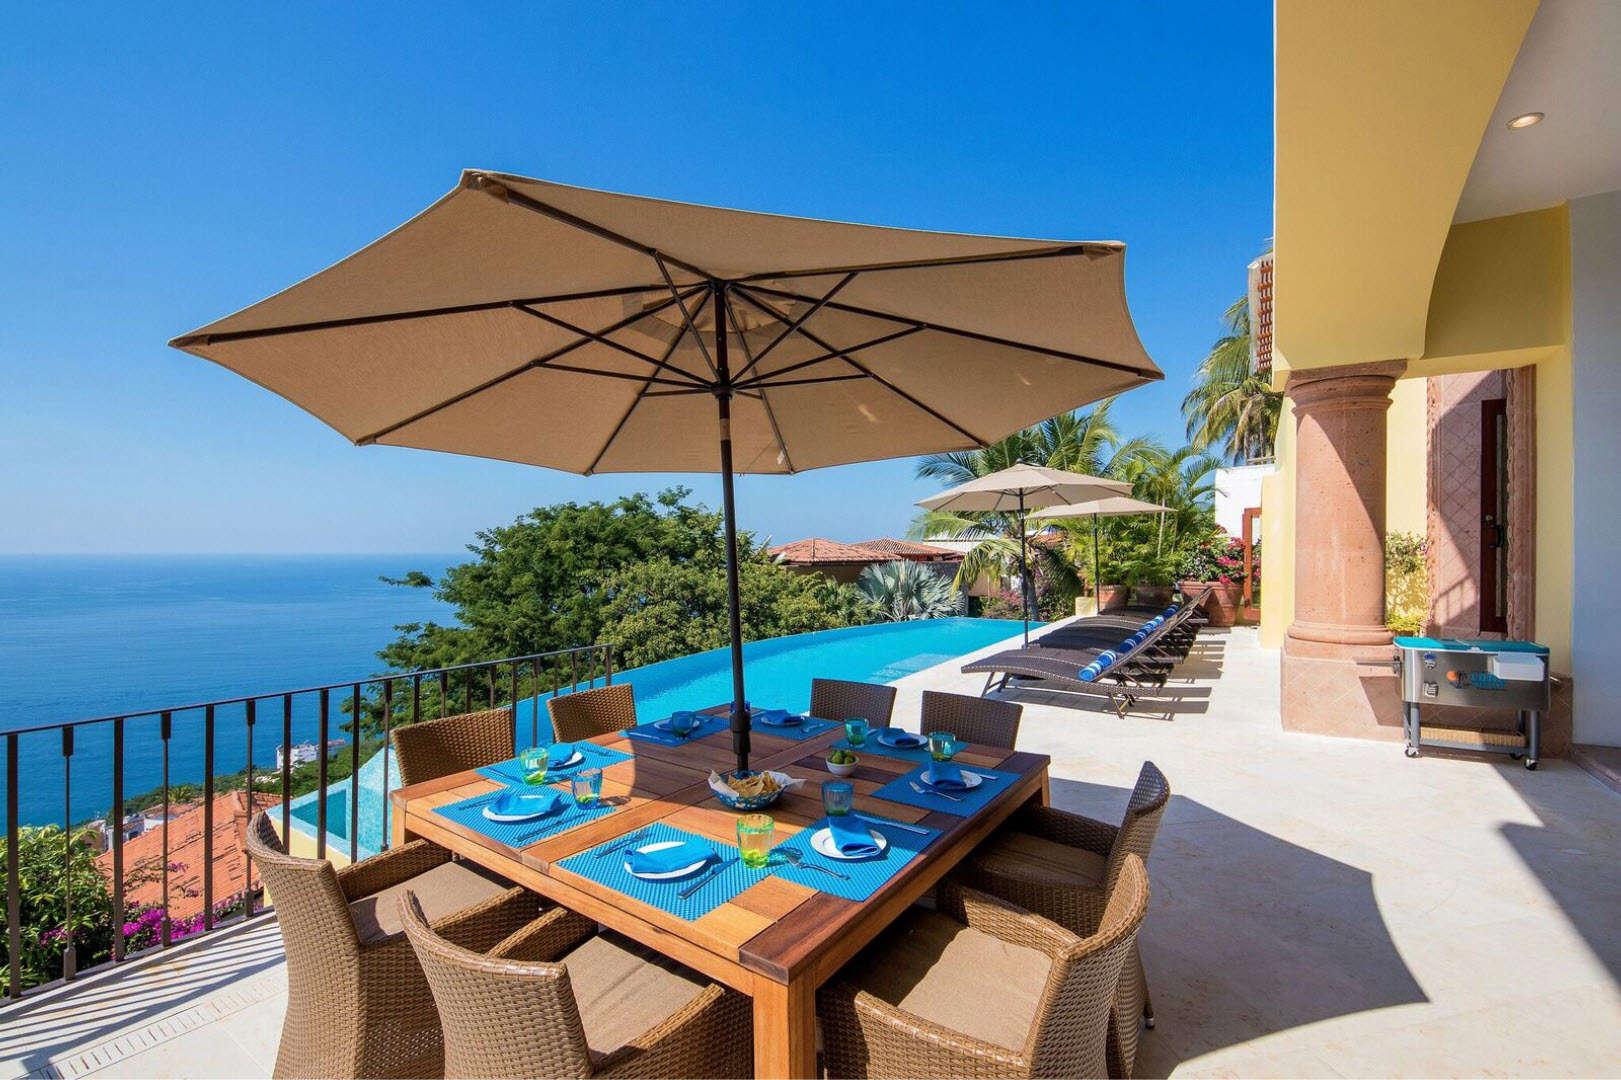 Luxury vacation rentals mexico - Puerto vallarta - Conchas chinas - Santa Cruz - Image 1/21